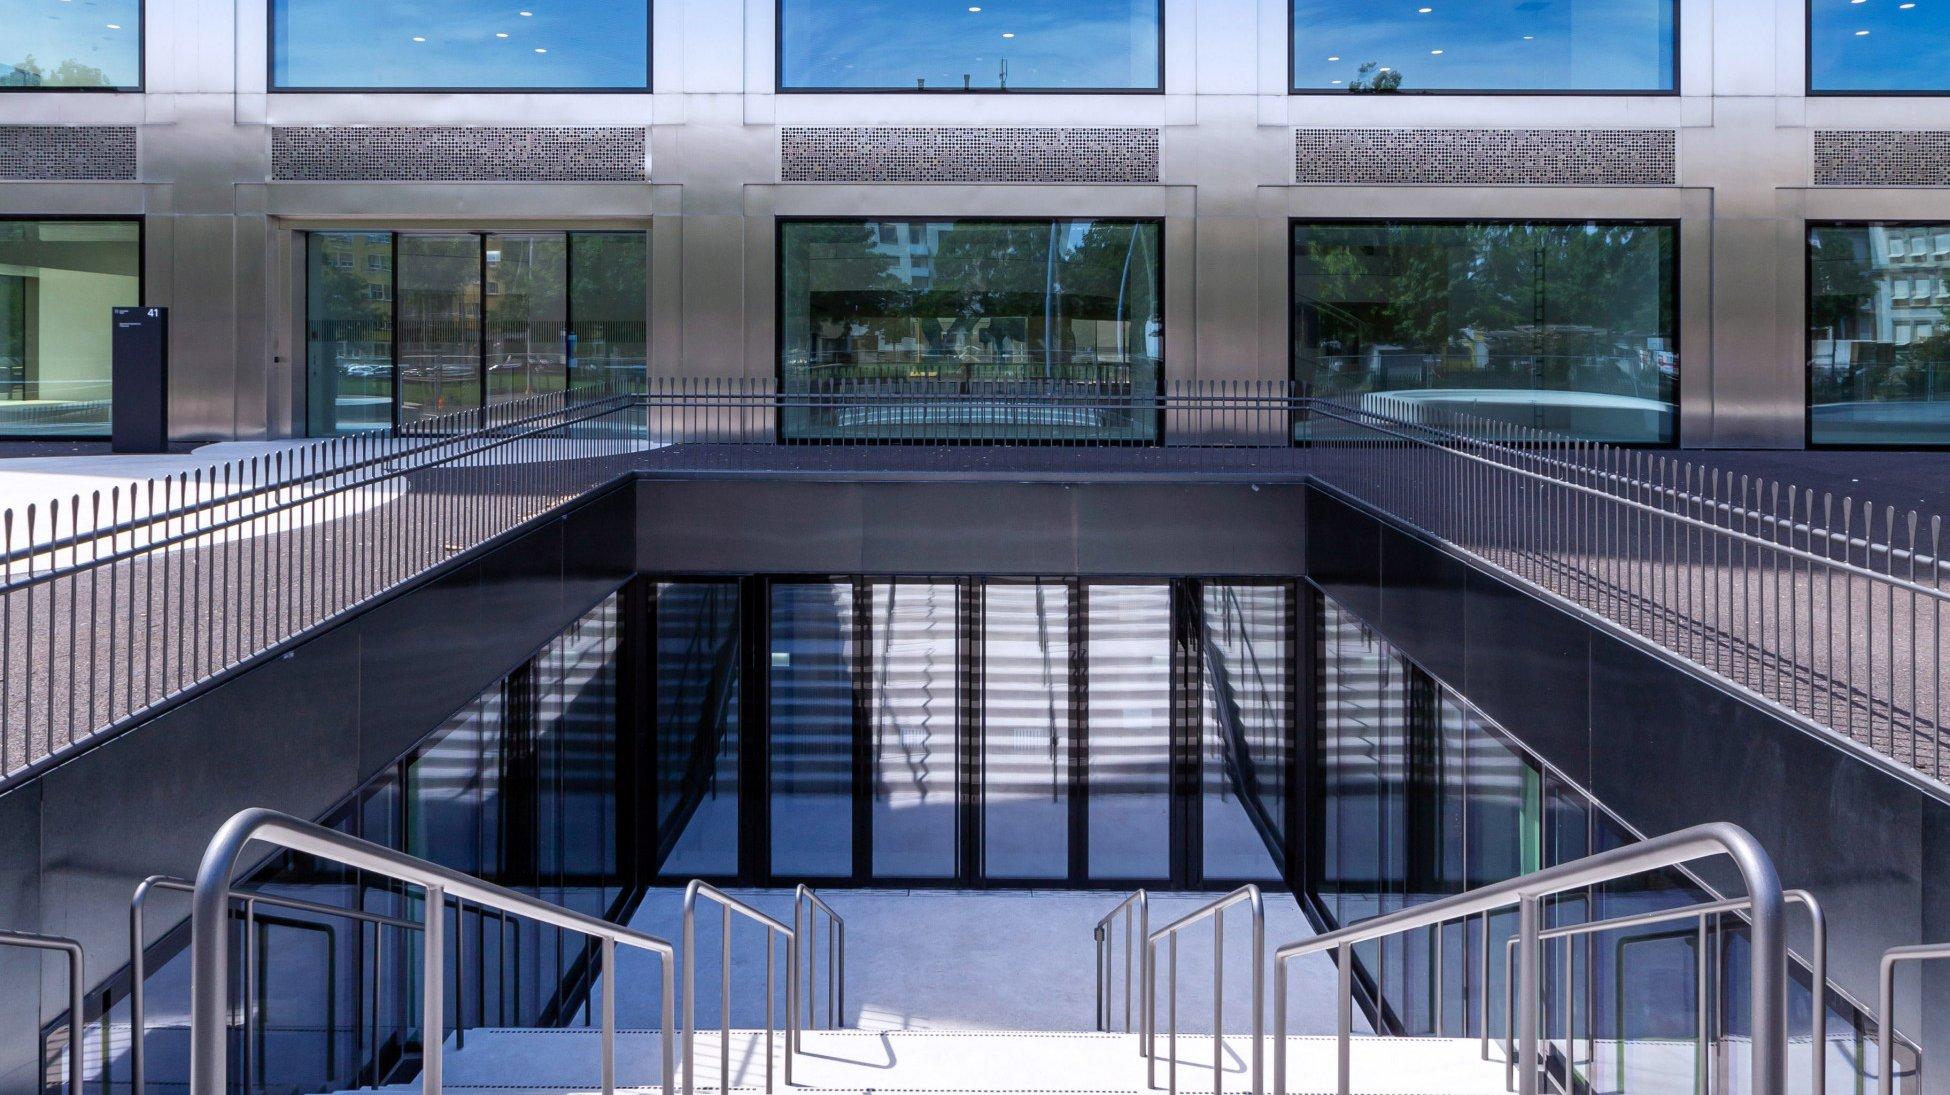 Neubau Core & Shell Biozentrum Basel